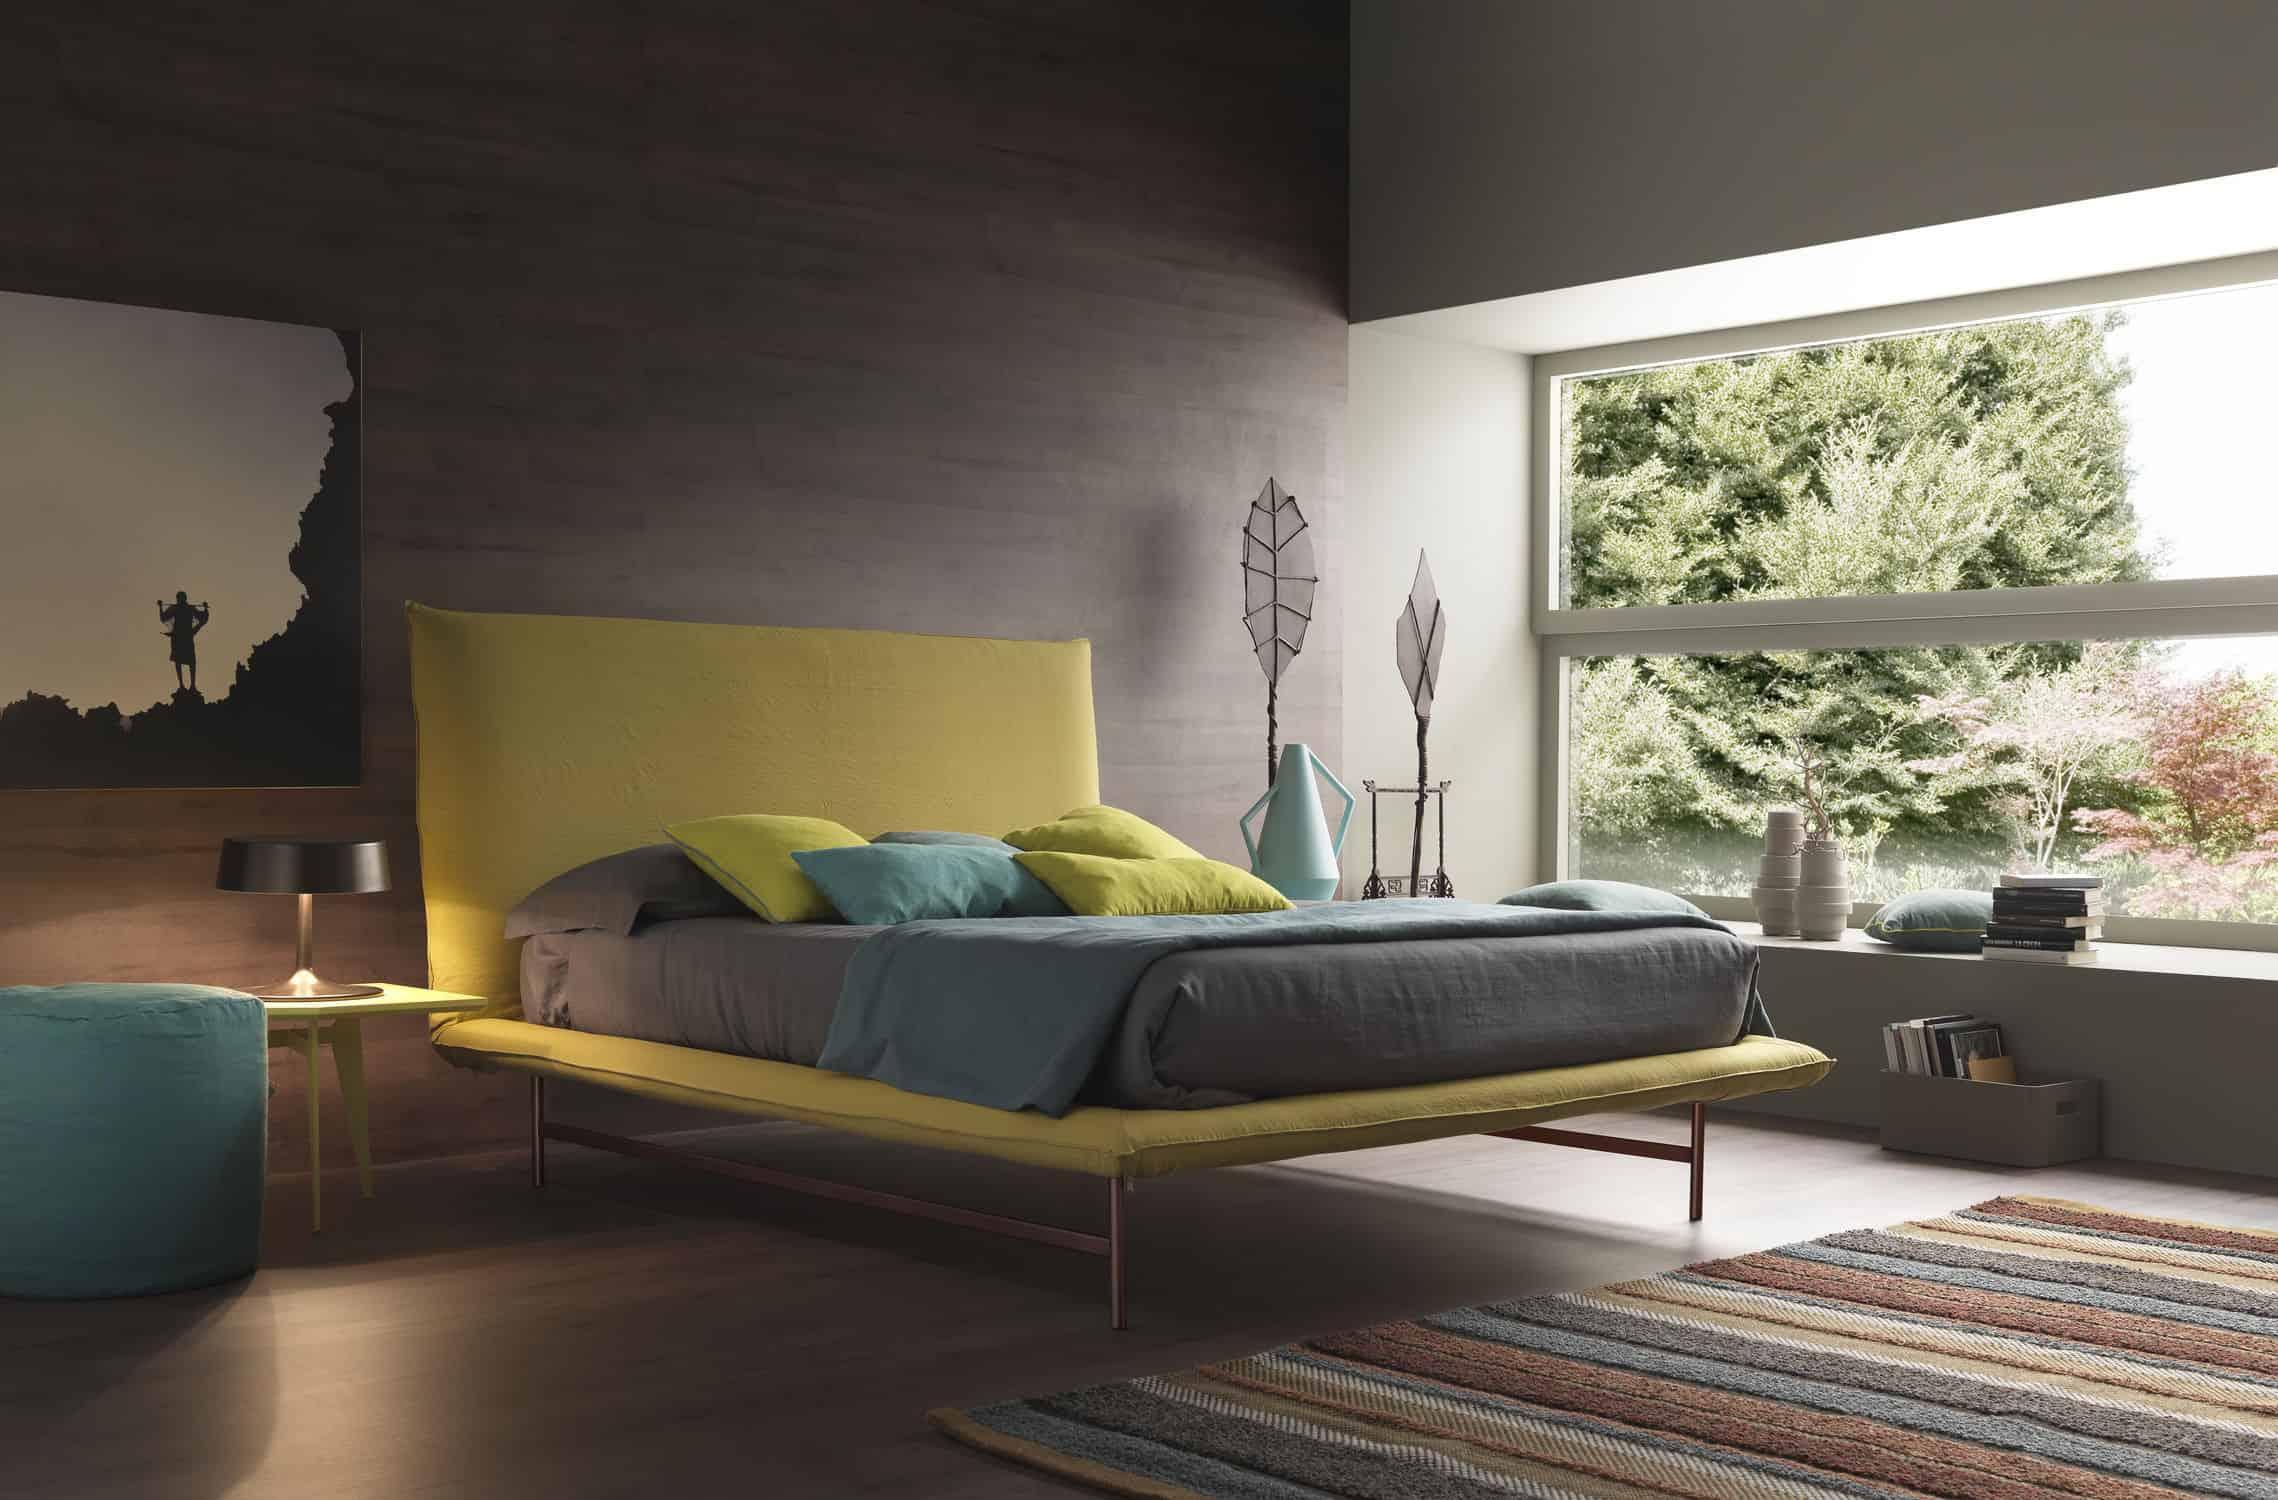 50 Modern Bedroom Design Ideas on Minimalist Modern Simple Bedroom Design  id=59190